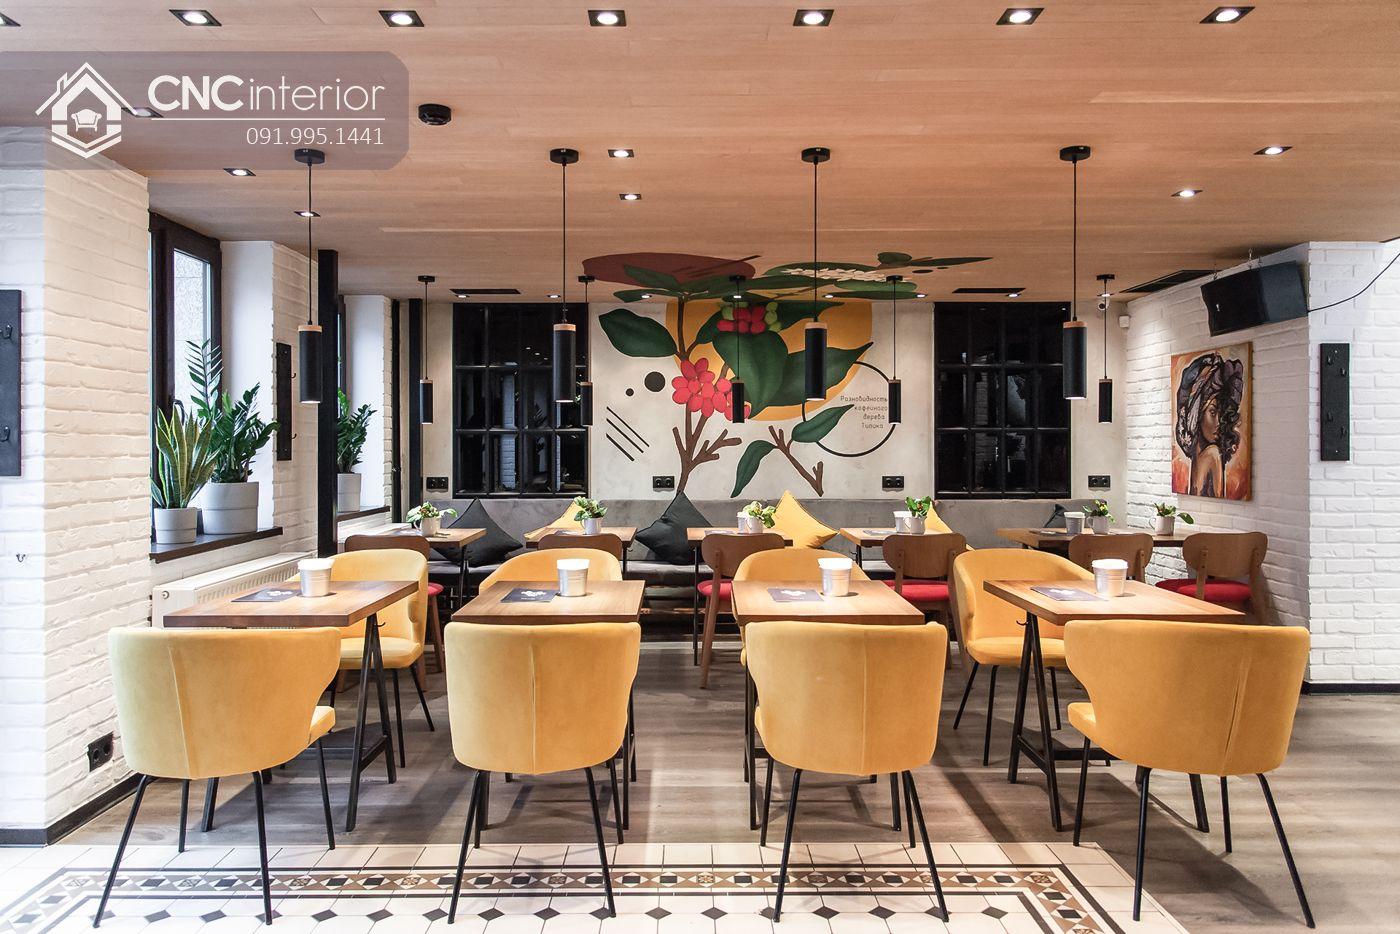 Phối màu khéo léo cho thiết kế nội thất quán cà phê 4